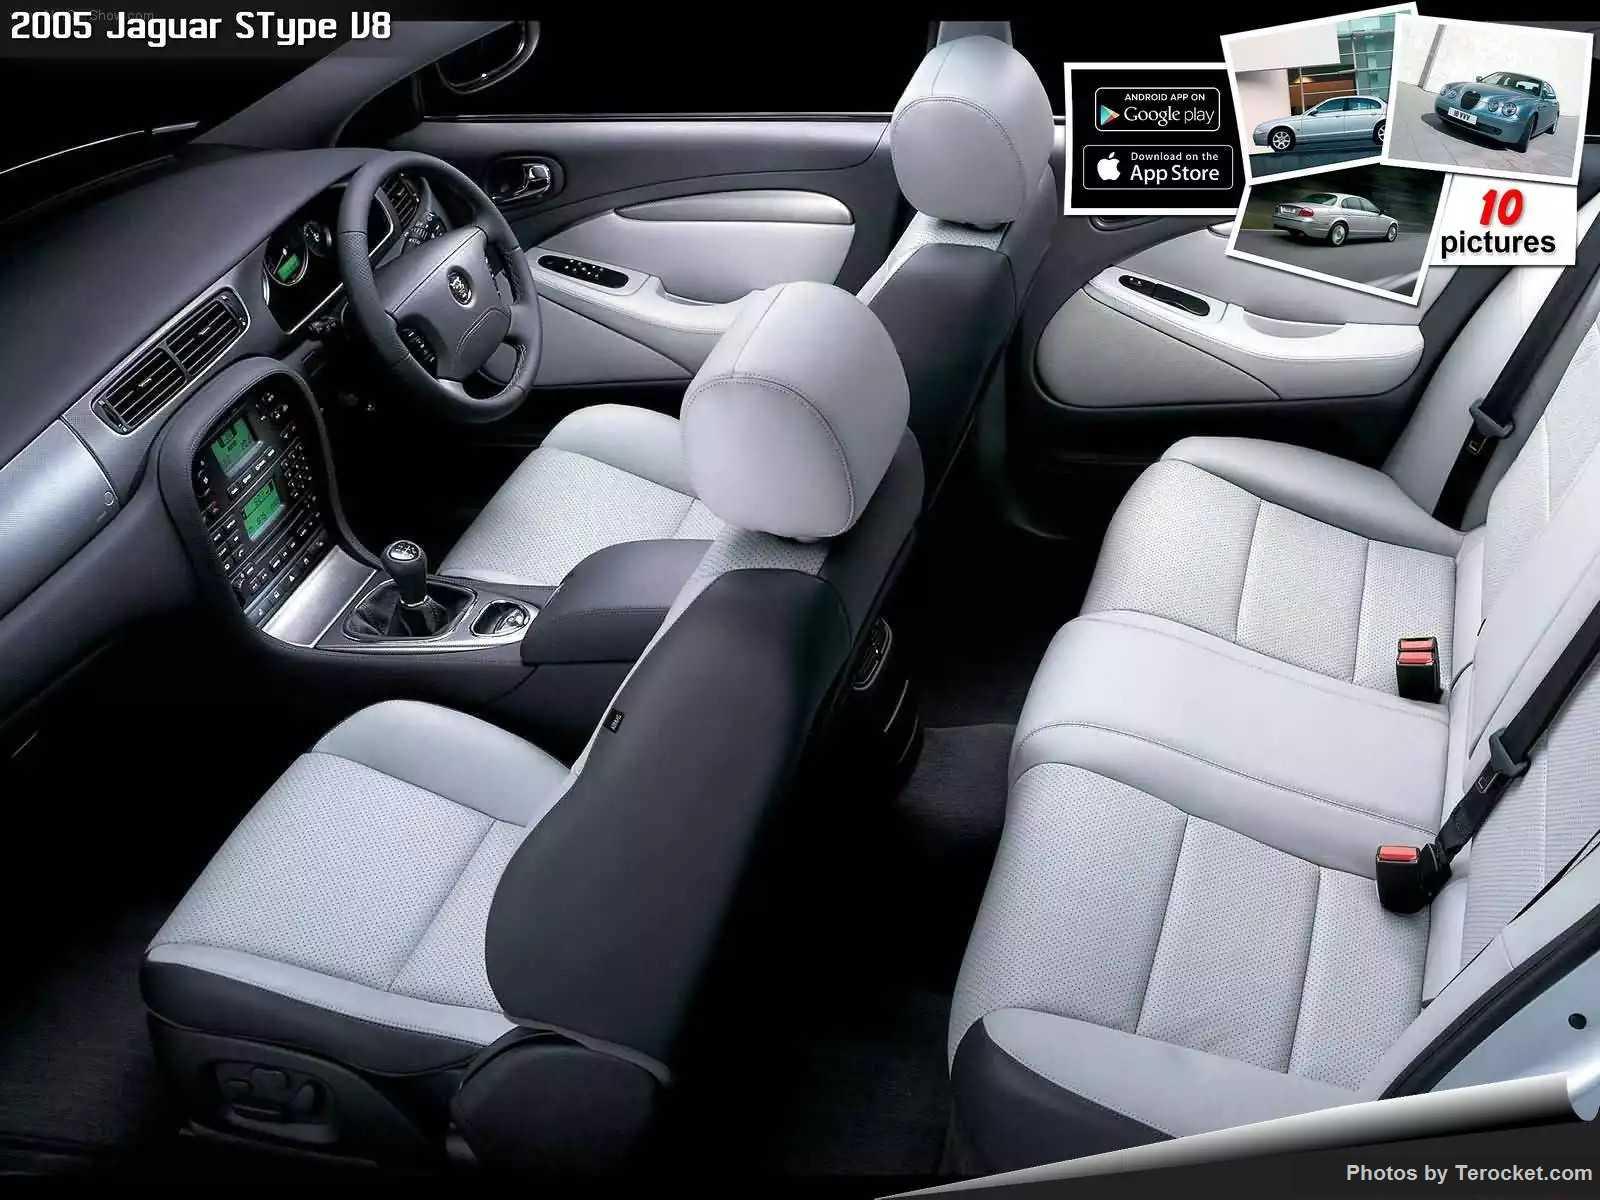 Hình ảnh xe ô tô Jaguar SType V8 2005 & nội ngoại thất